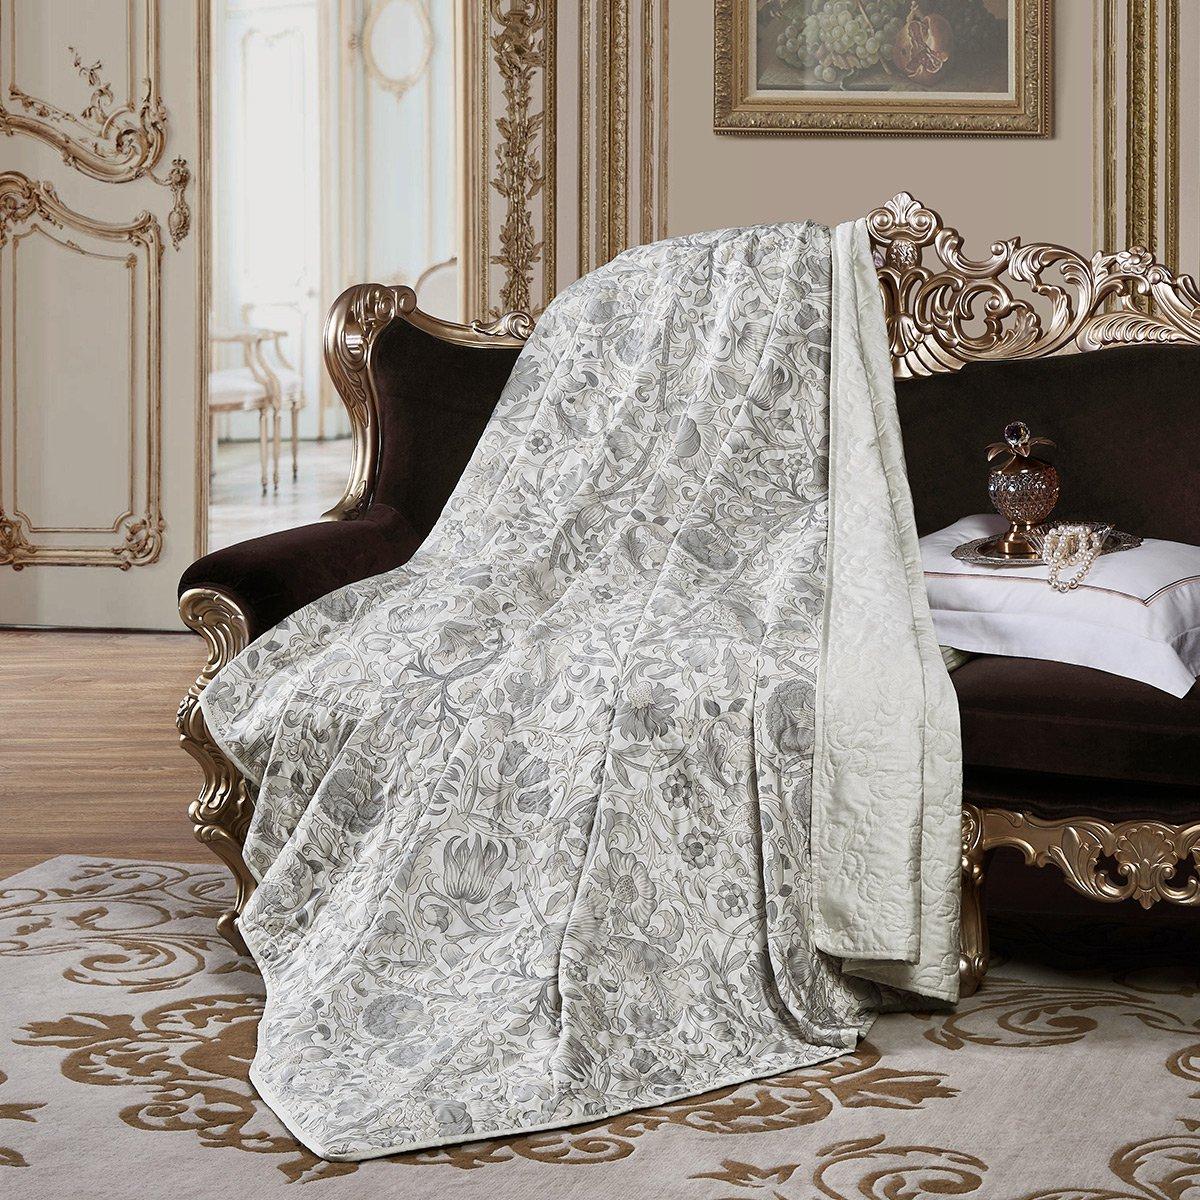 博洋家纺博洋出品丝芙瑞欧式MORRIS联名定制款全棉印花夏凉被被芯S91816391201